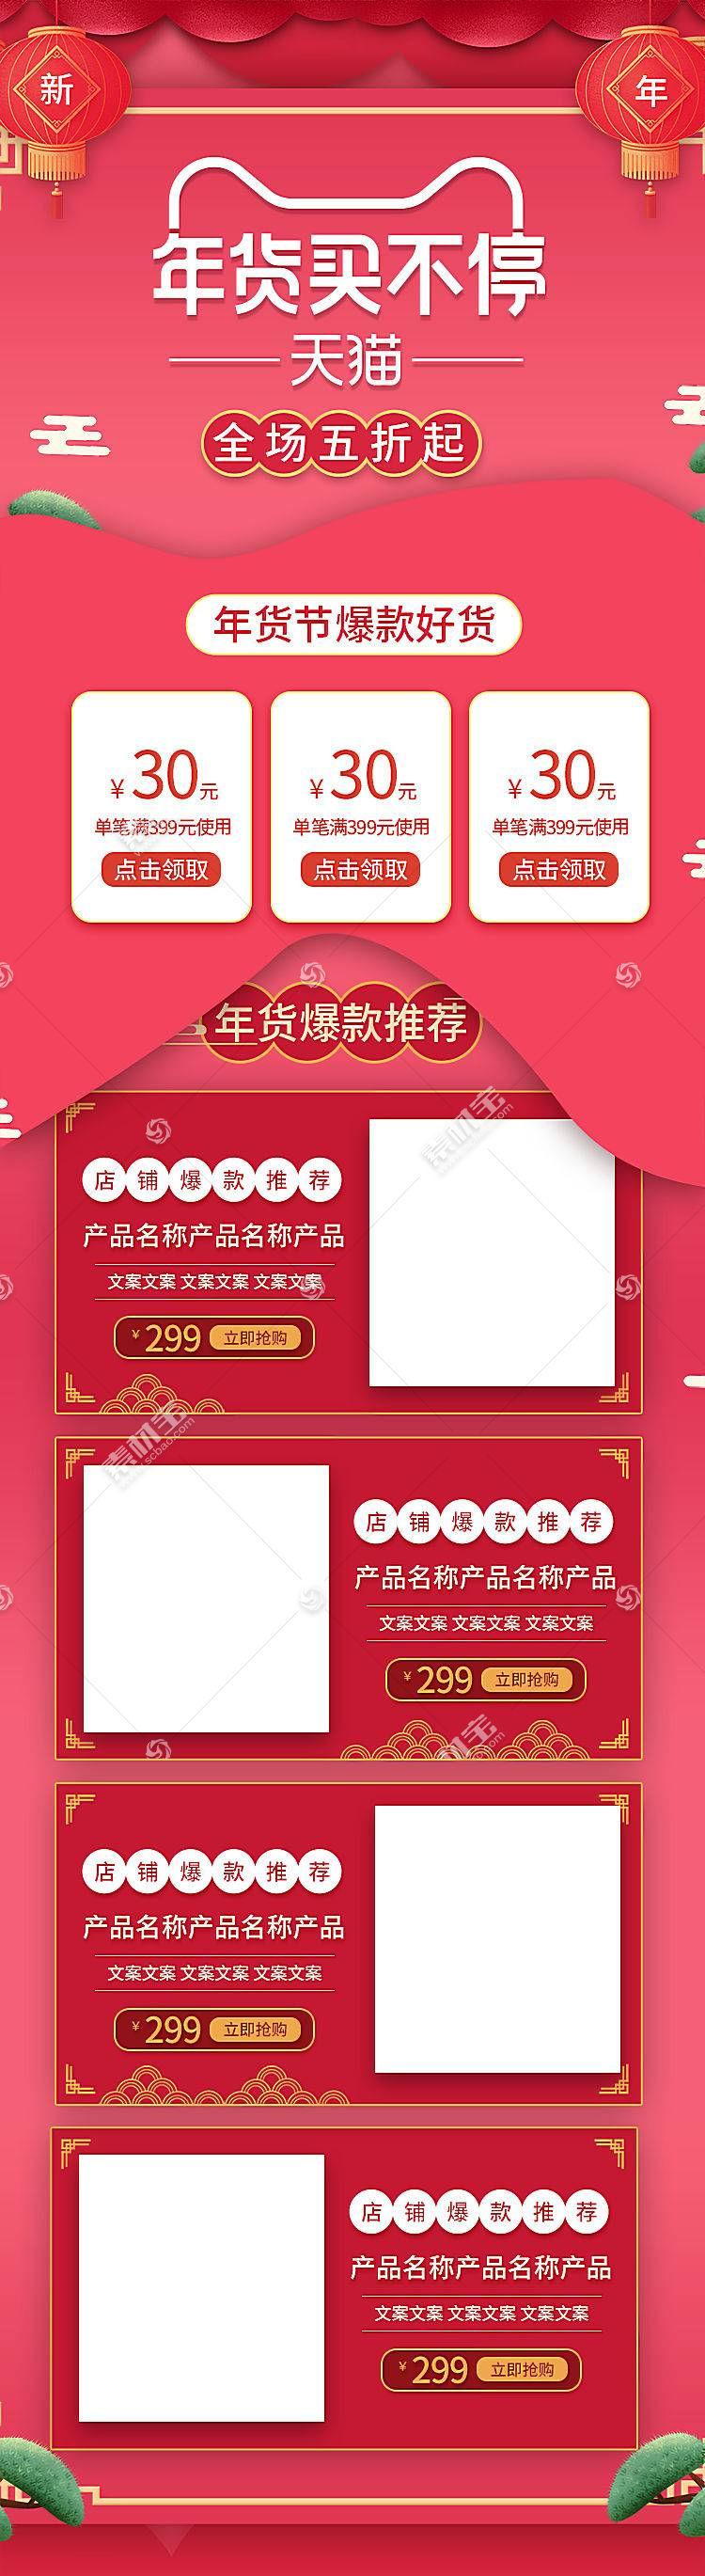 创意大气国潮风电商促销活动通用首页模板